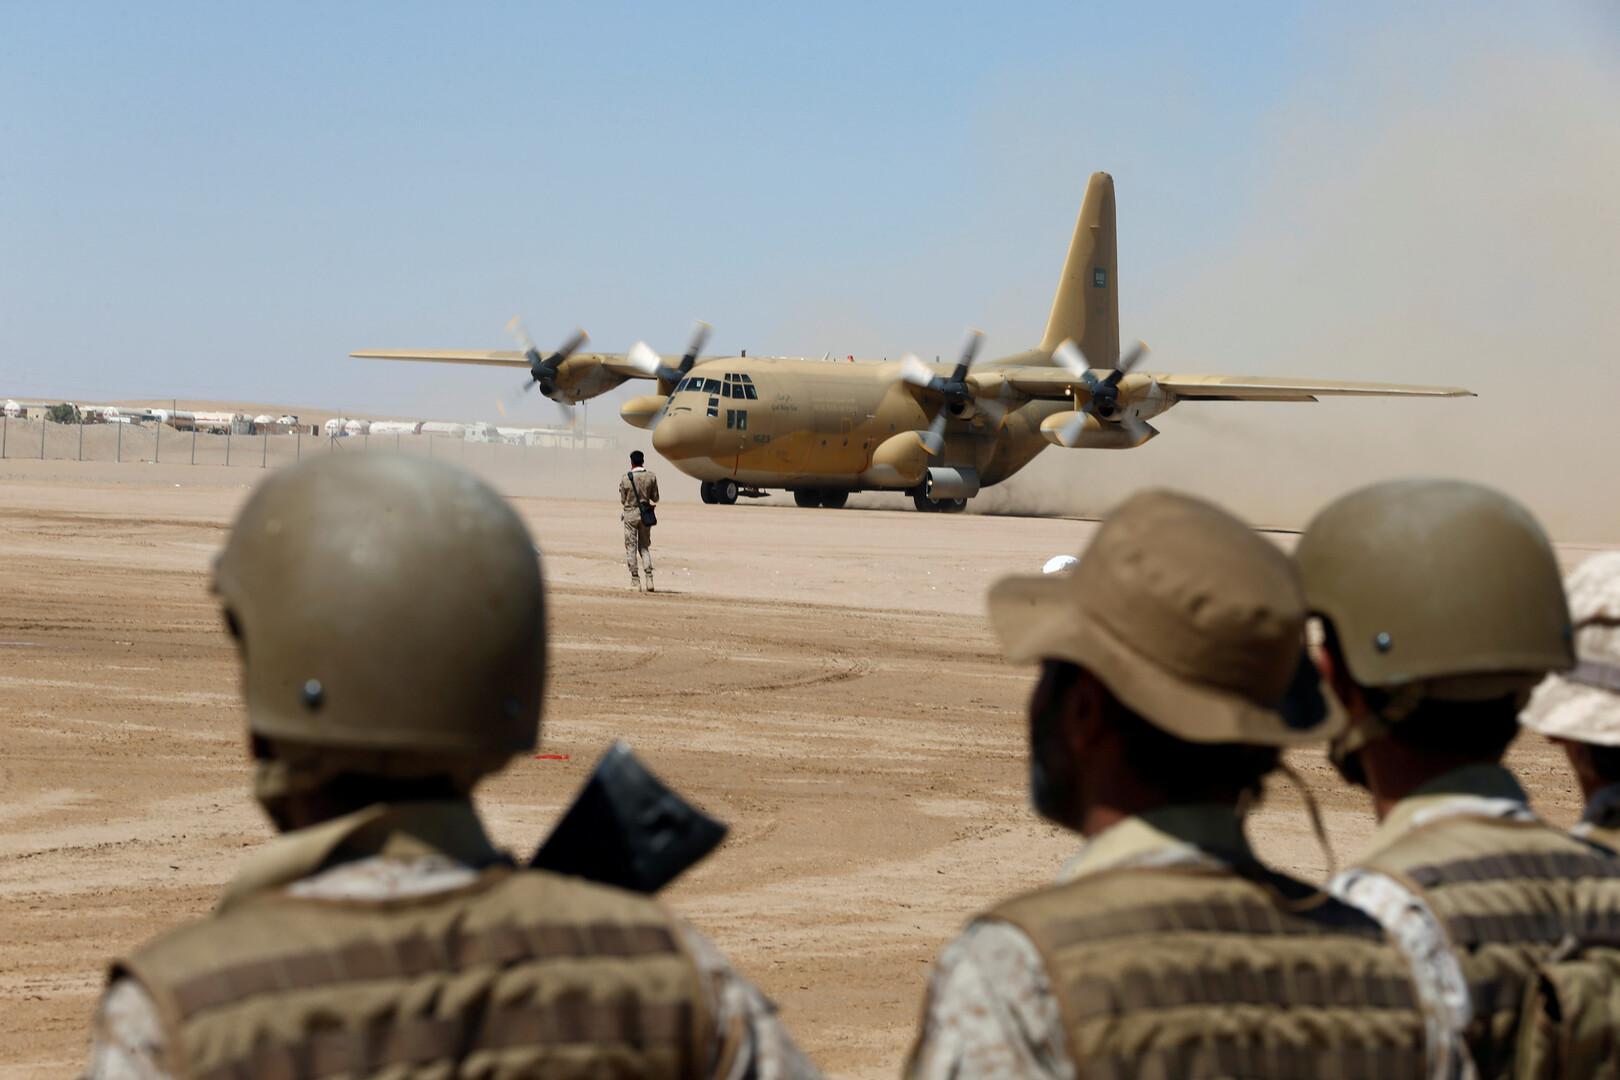 الحوثيون يعلنون مقتل 5 من أسرة واحدة بقصف للتحالف